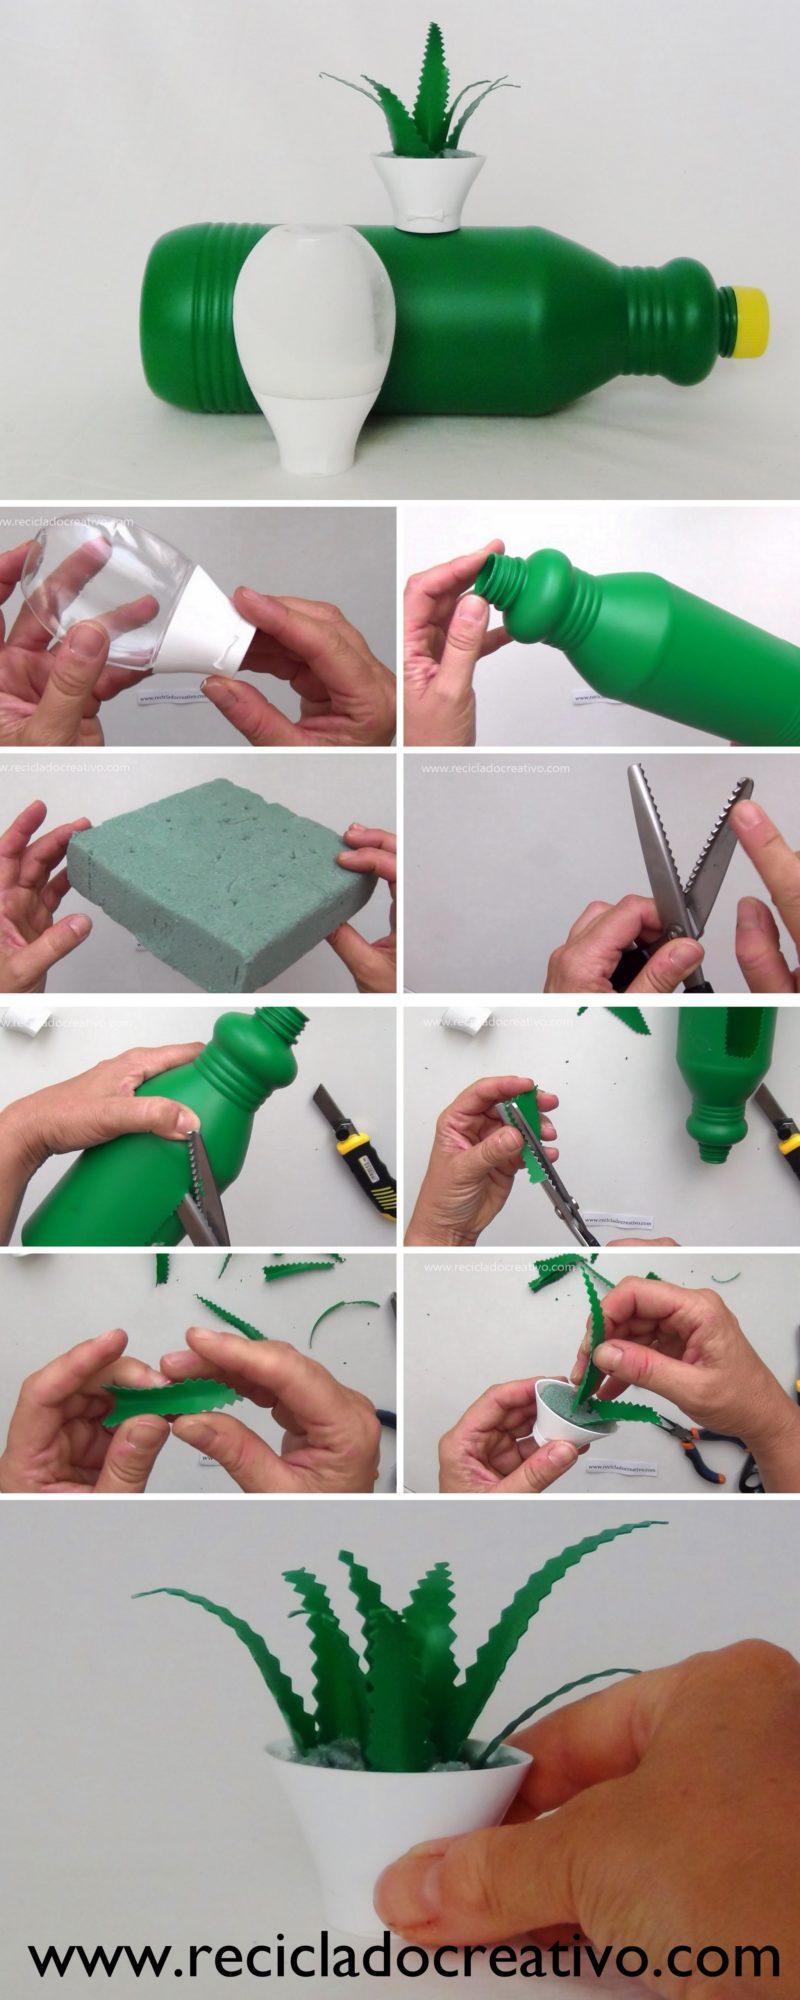 Miniatura de aloe vera DIY con botellas de plástico